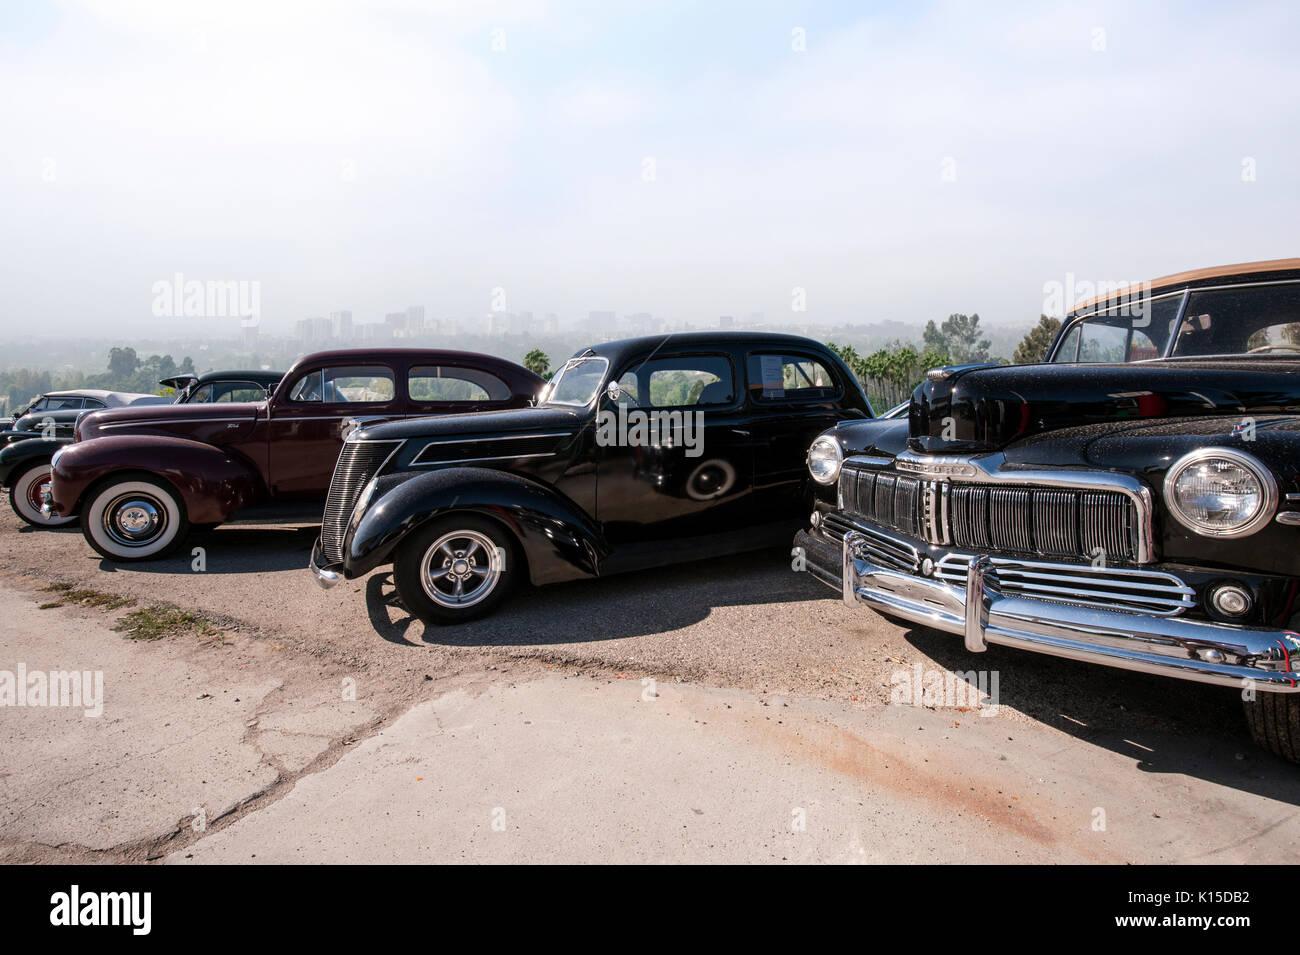 Vintage automóviles estacionados en California Beullton Imagen De Stock